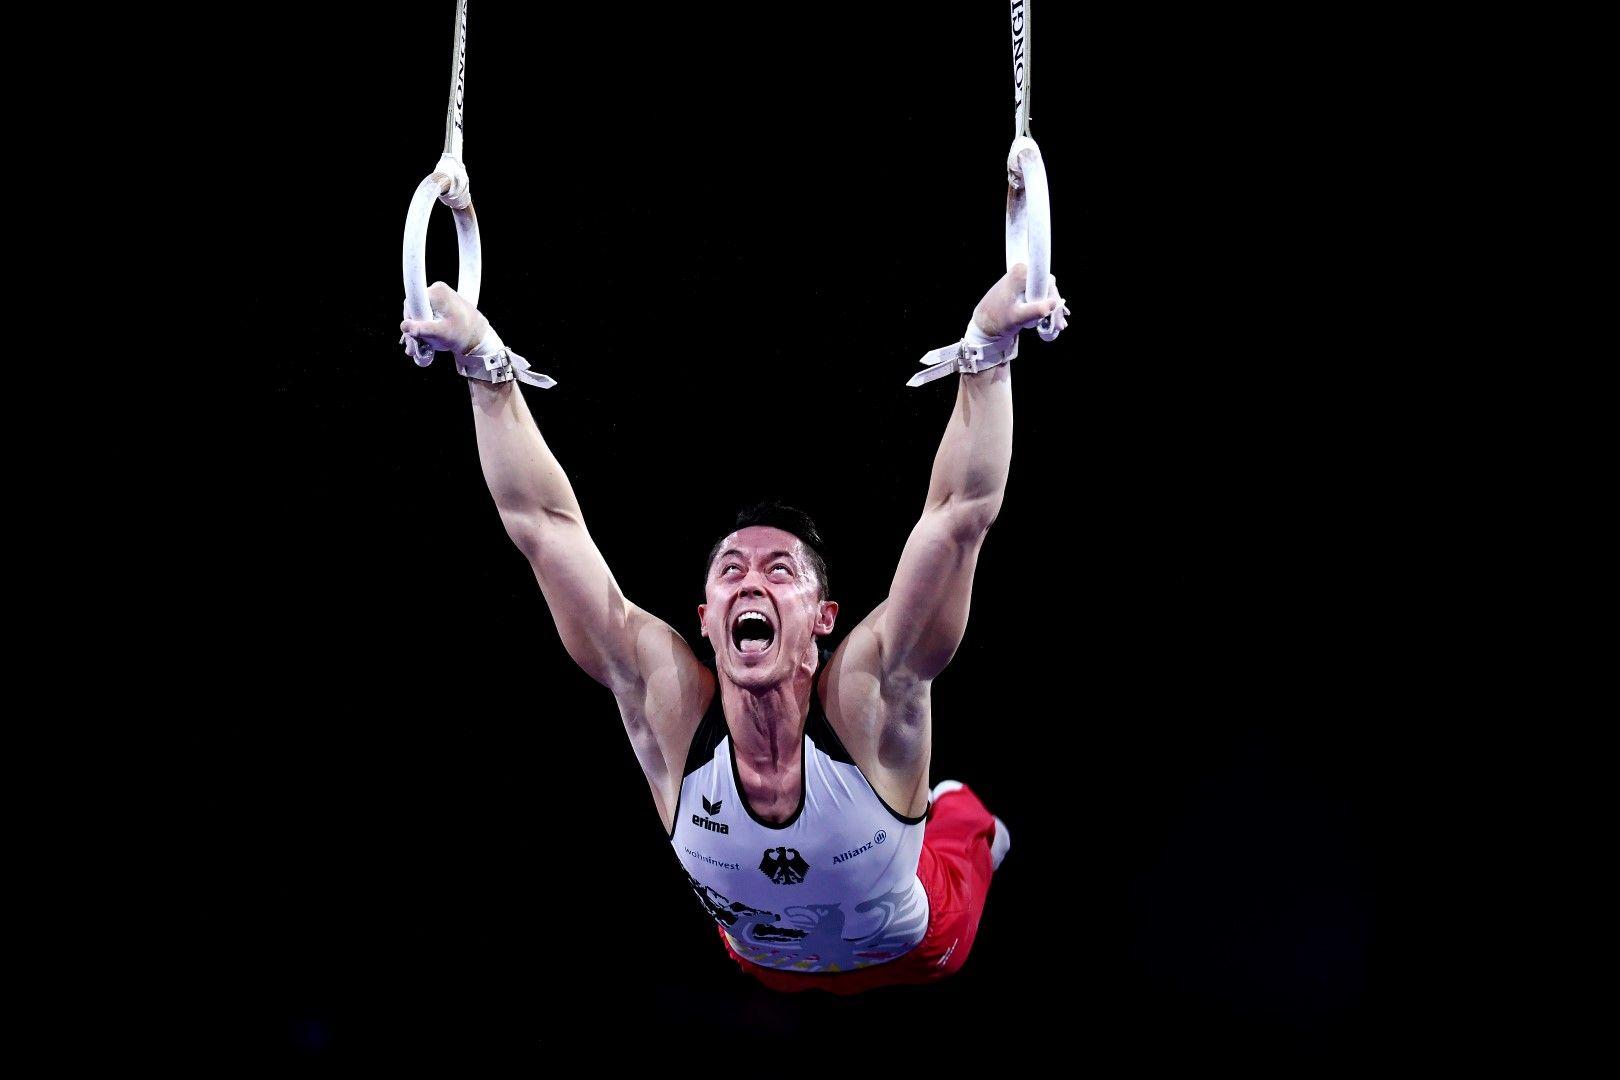 Андреас Тоба (Германия) изглежда на ръба на силите, докато виси на халките по време на Световното първенство по спортна гимнастика в Щутгарт през октомври.